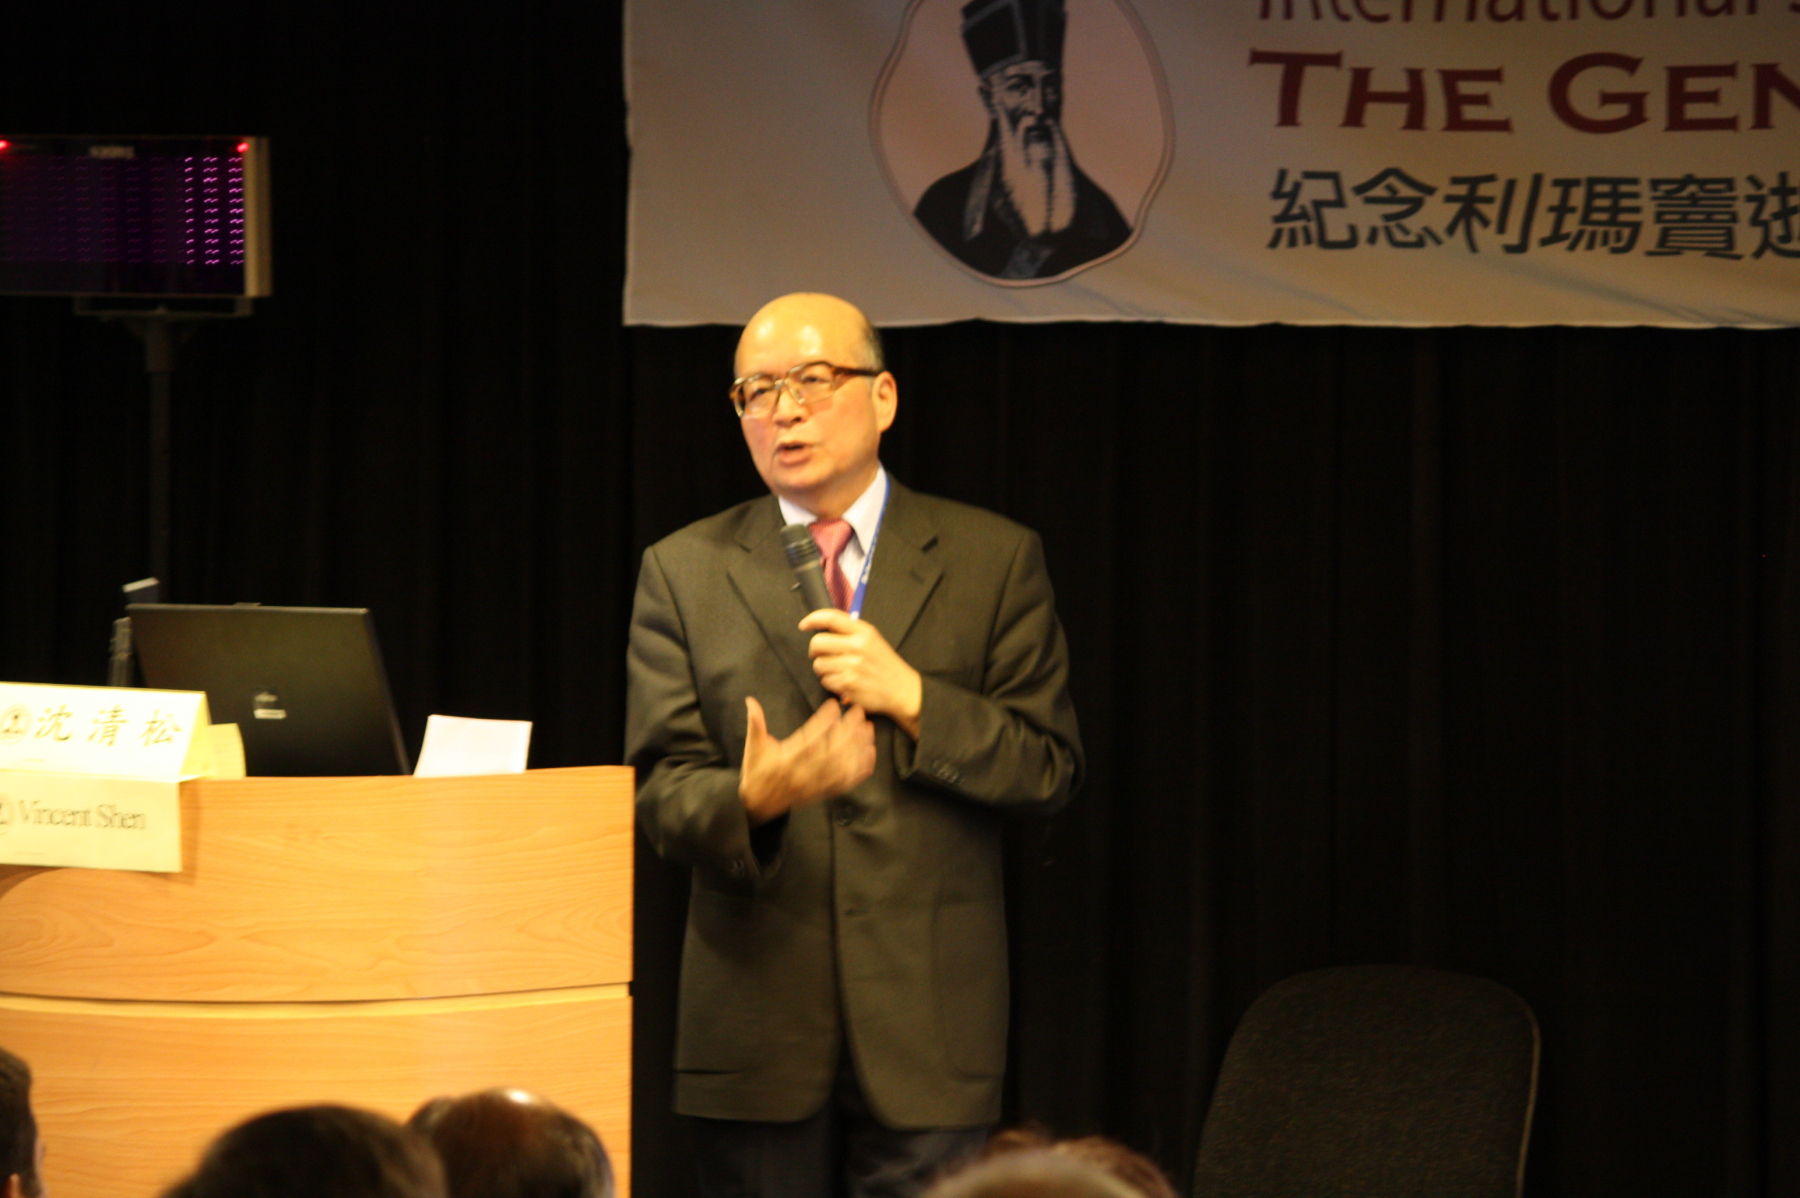 201004紀念利瑪竇逝世四百週年國際學術研討會-47